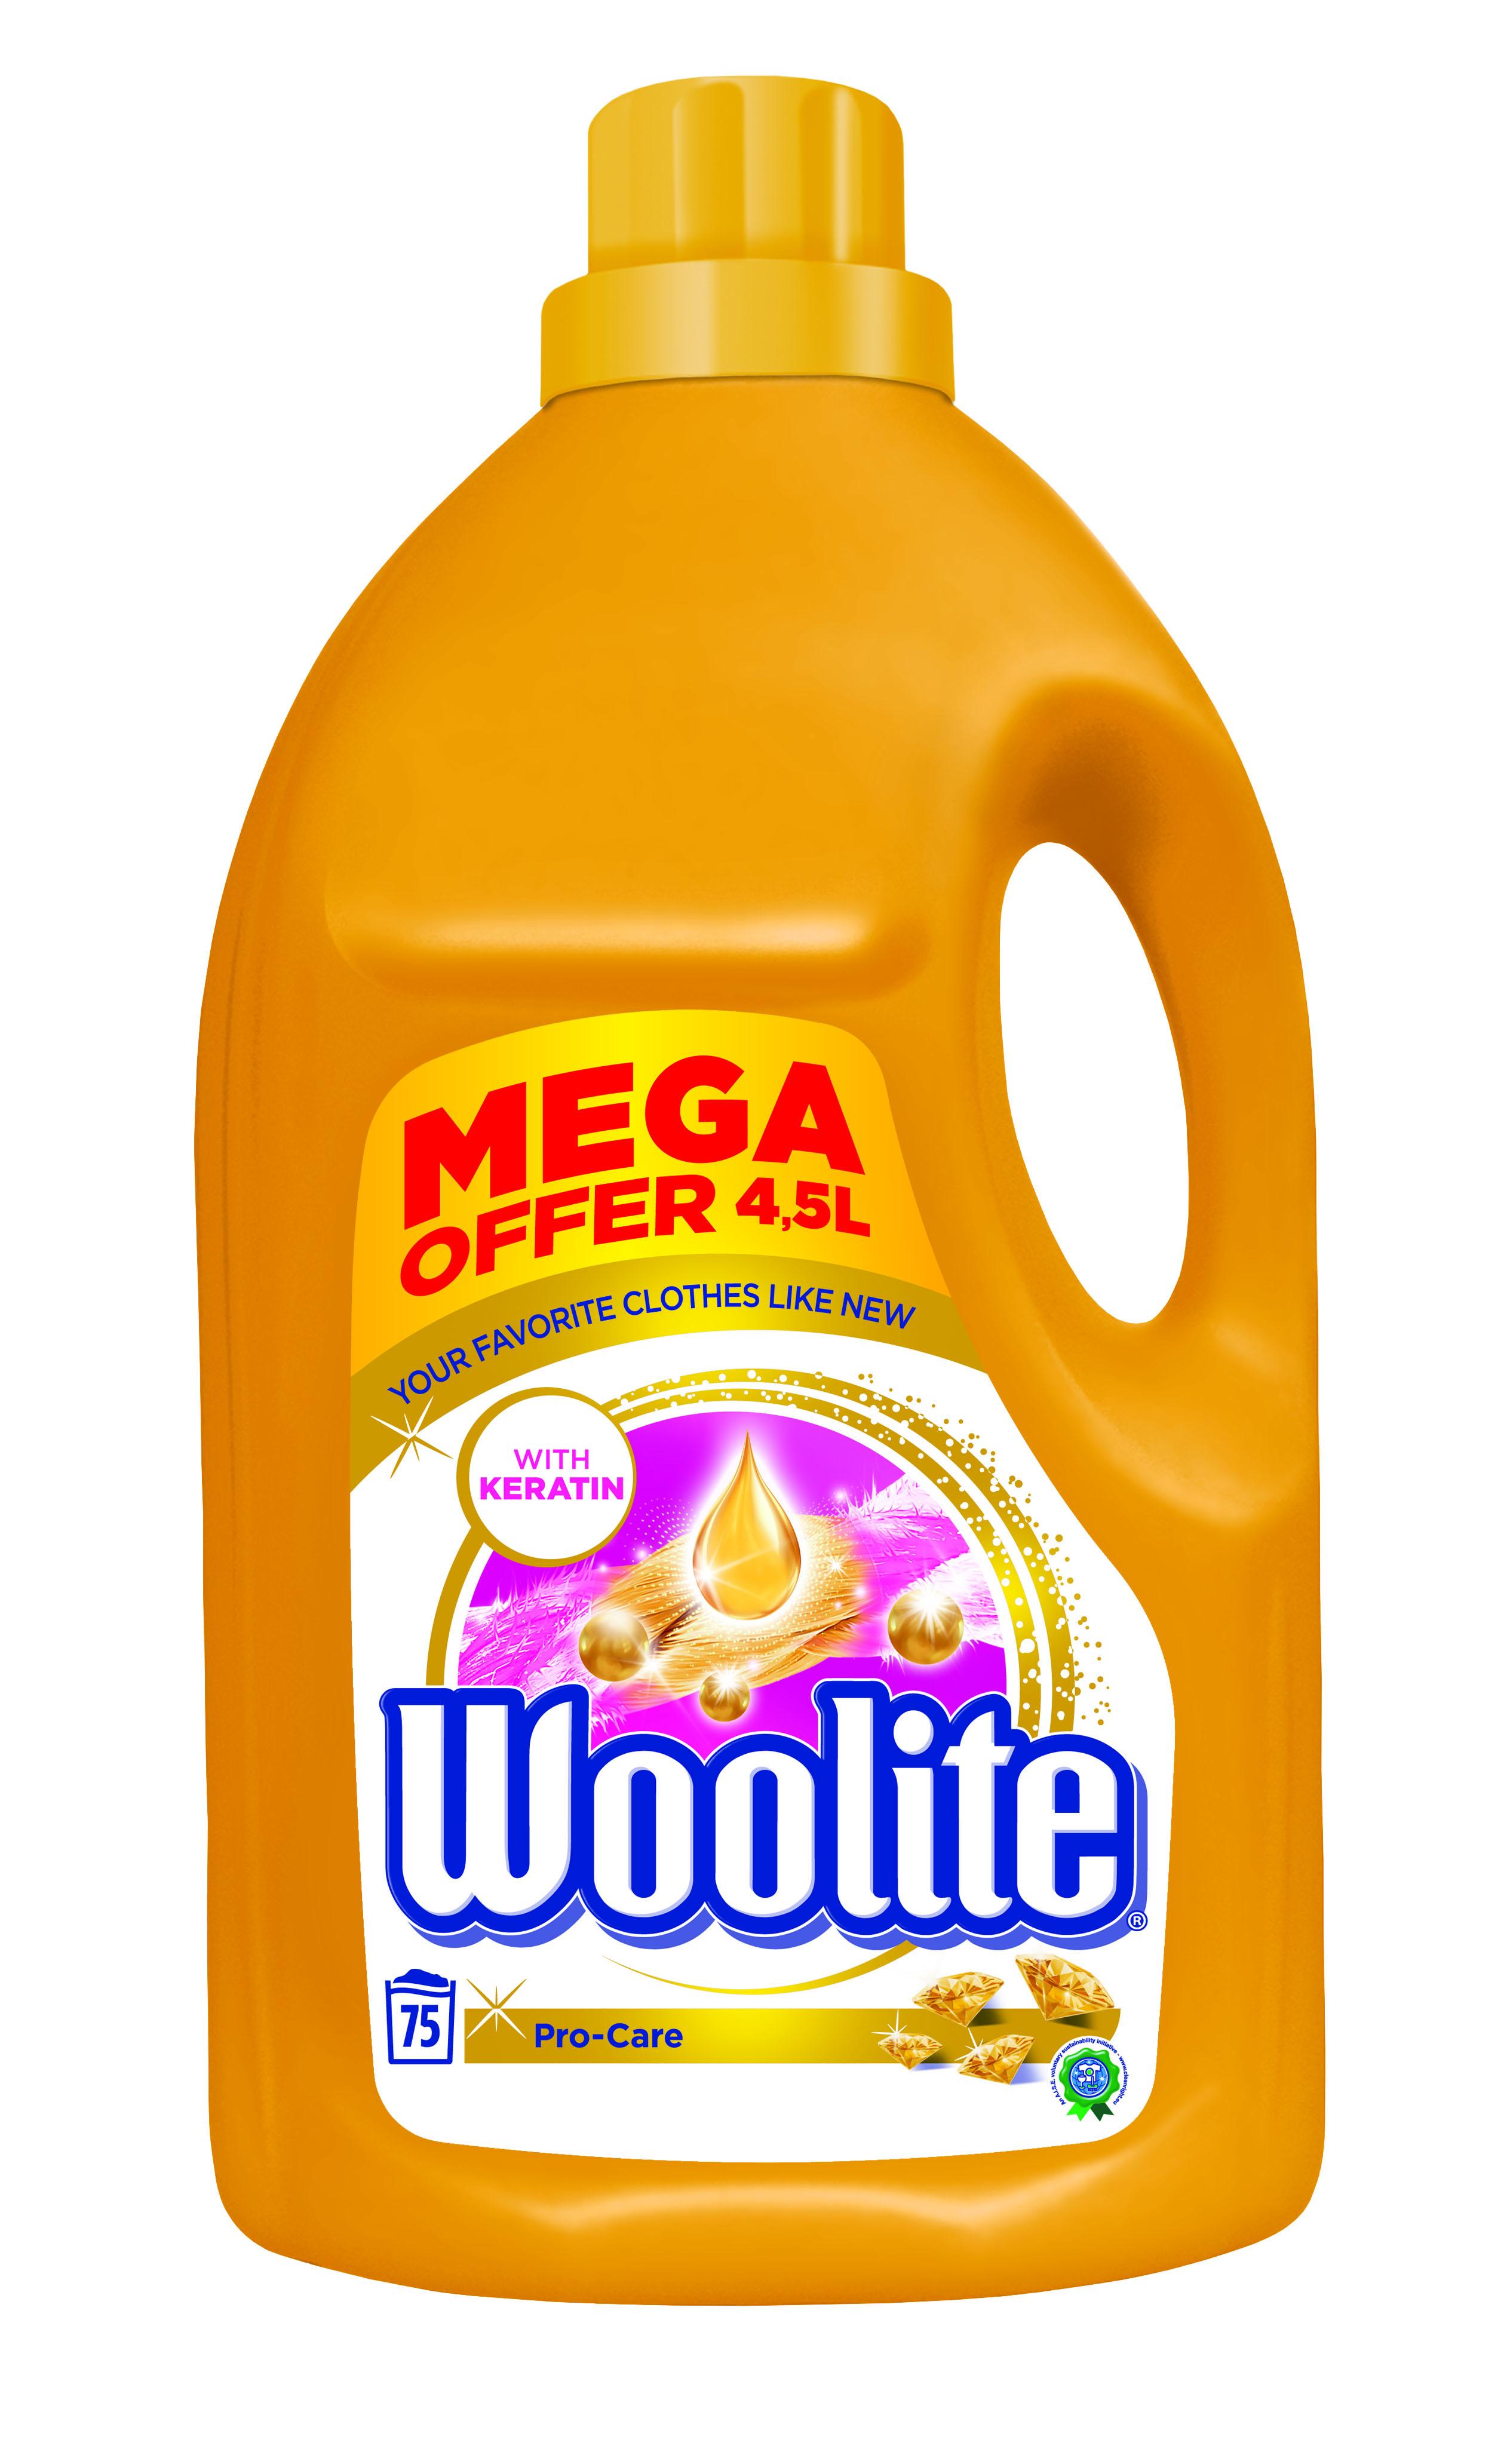 Woolite Pro-Care tekutý prací prostředek, 75 praní 4,5 l